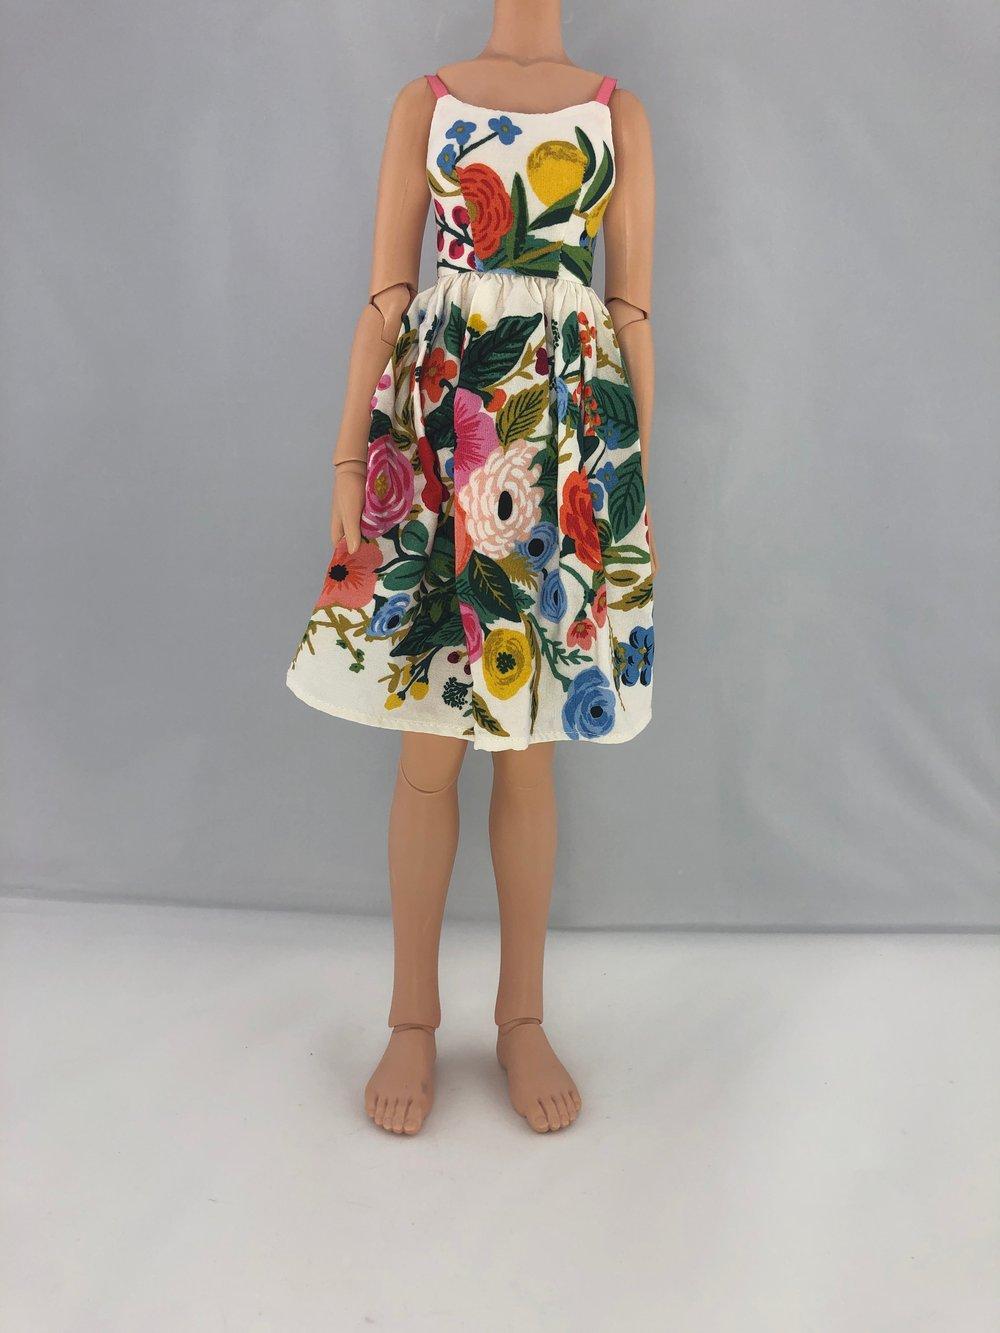 Floral Vintage Dress: Unoa